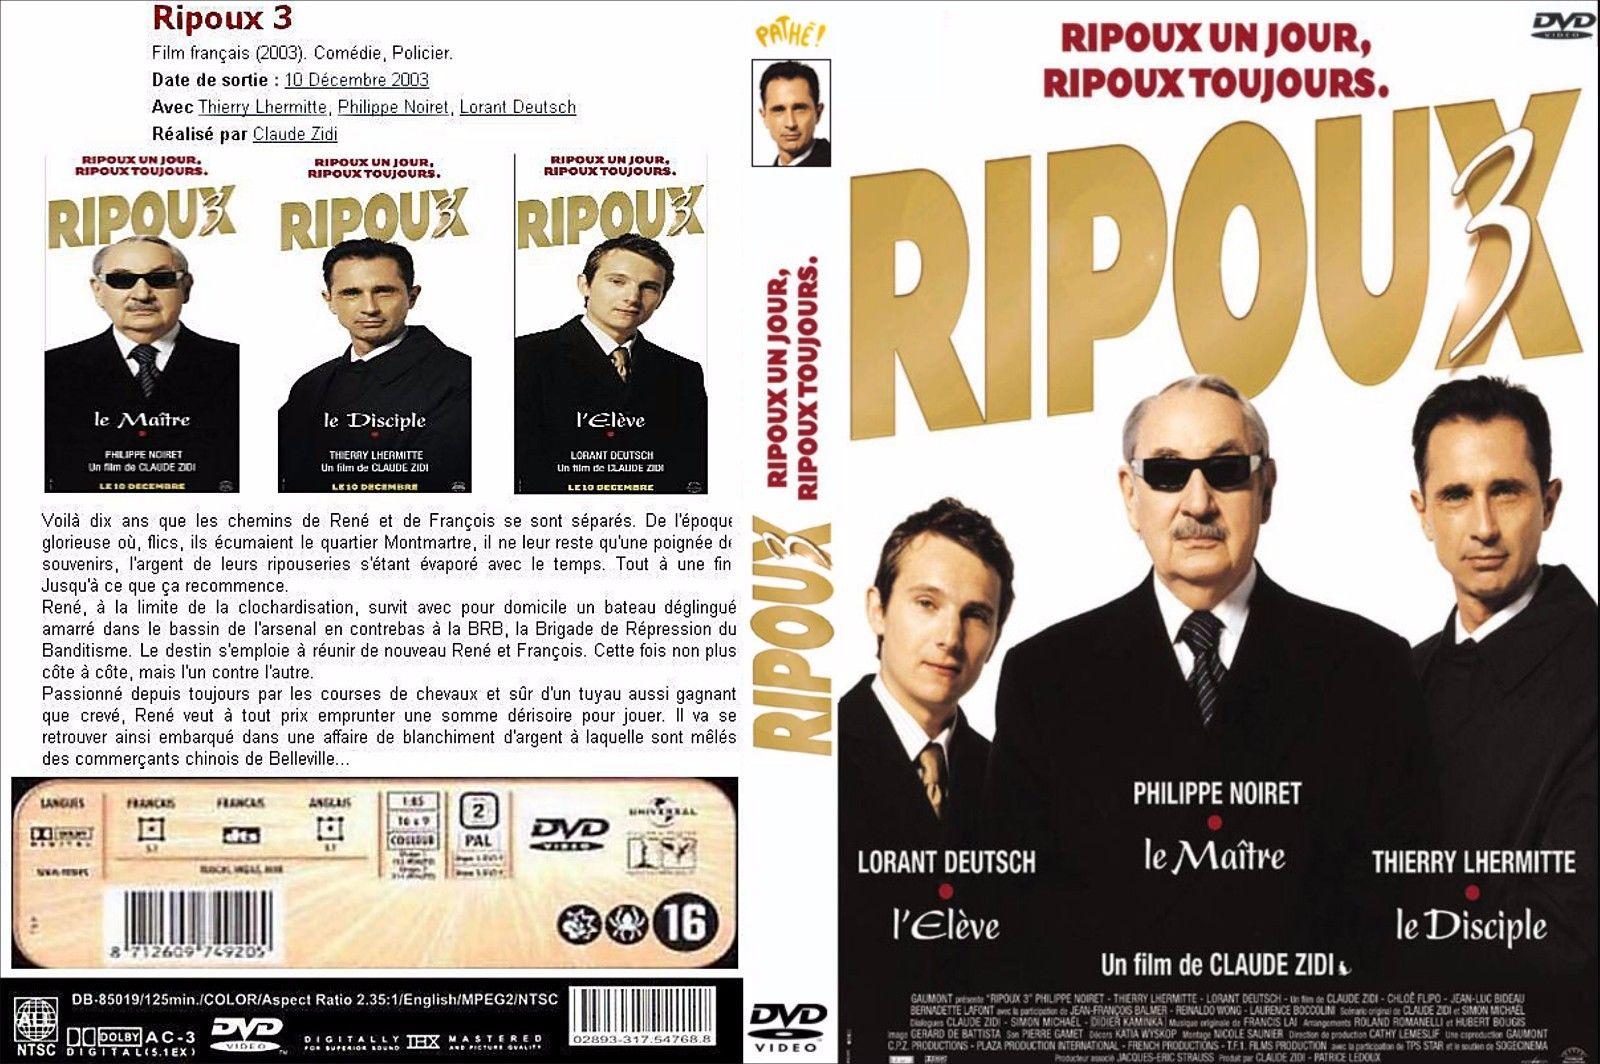 RIPOUX LES TÉLÉCHARGER FILM